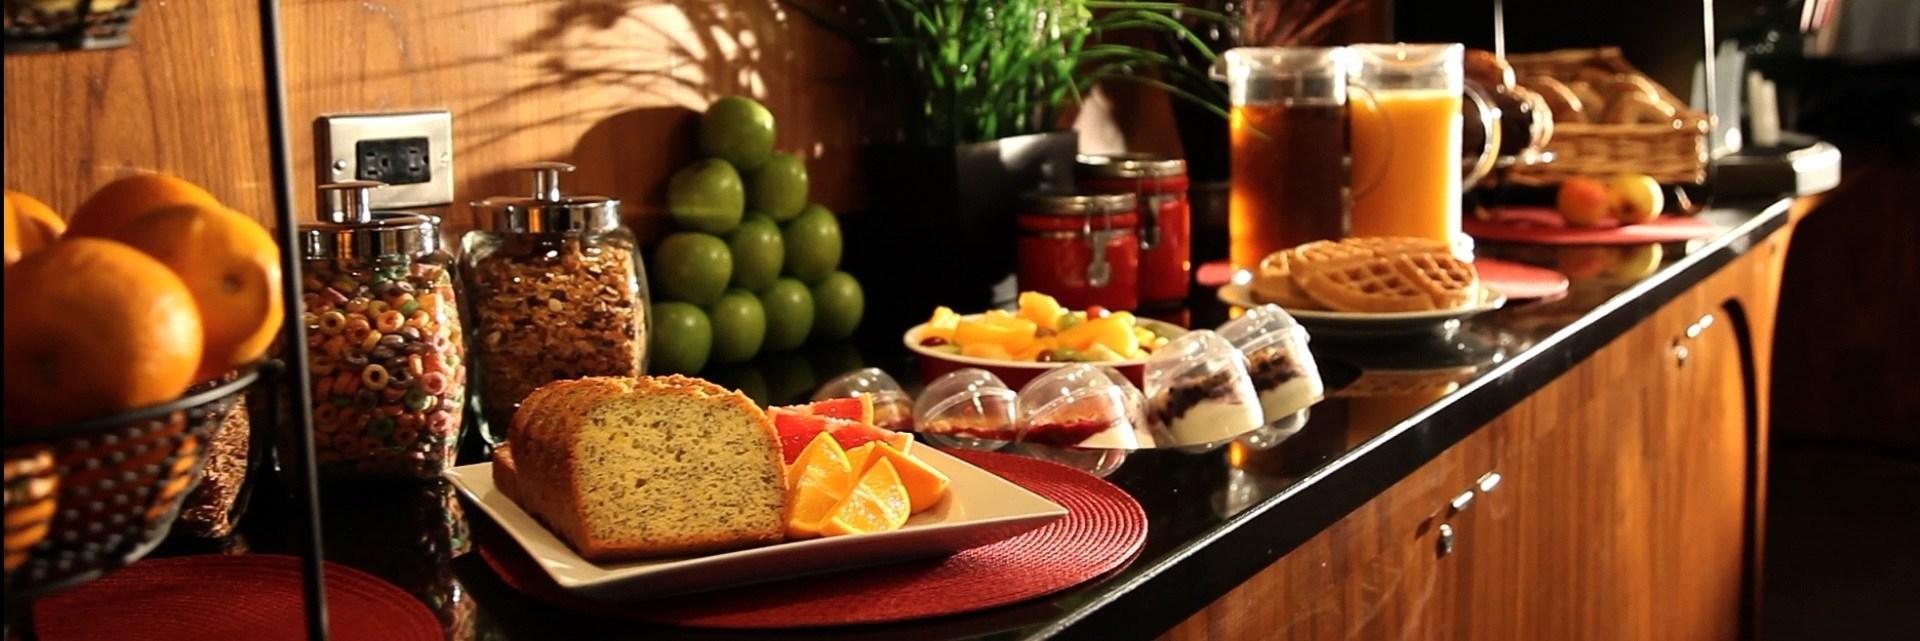 Daily Fresh Breakfast at Residence Inn Montreal